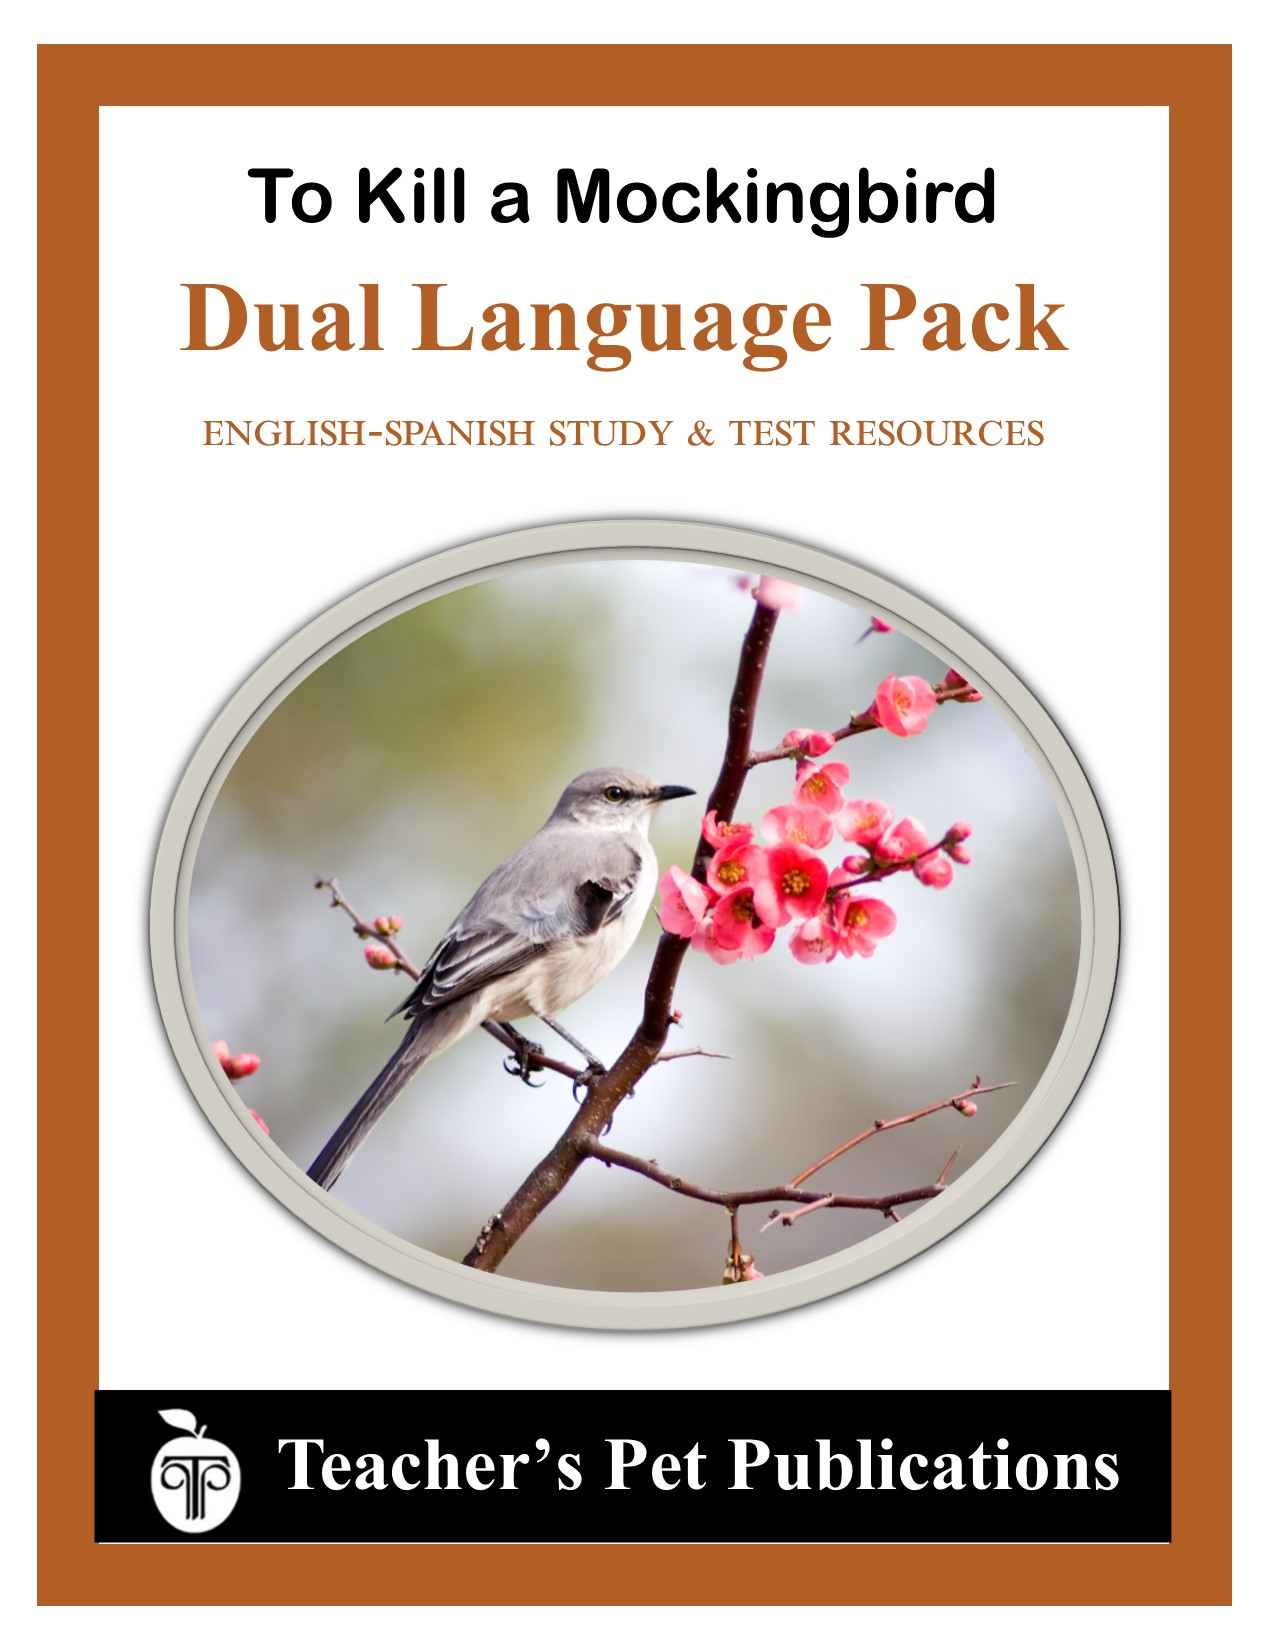 Dual Language English-Spanish Novel Guides